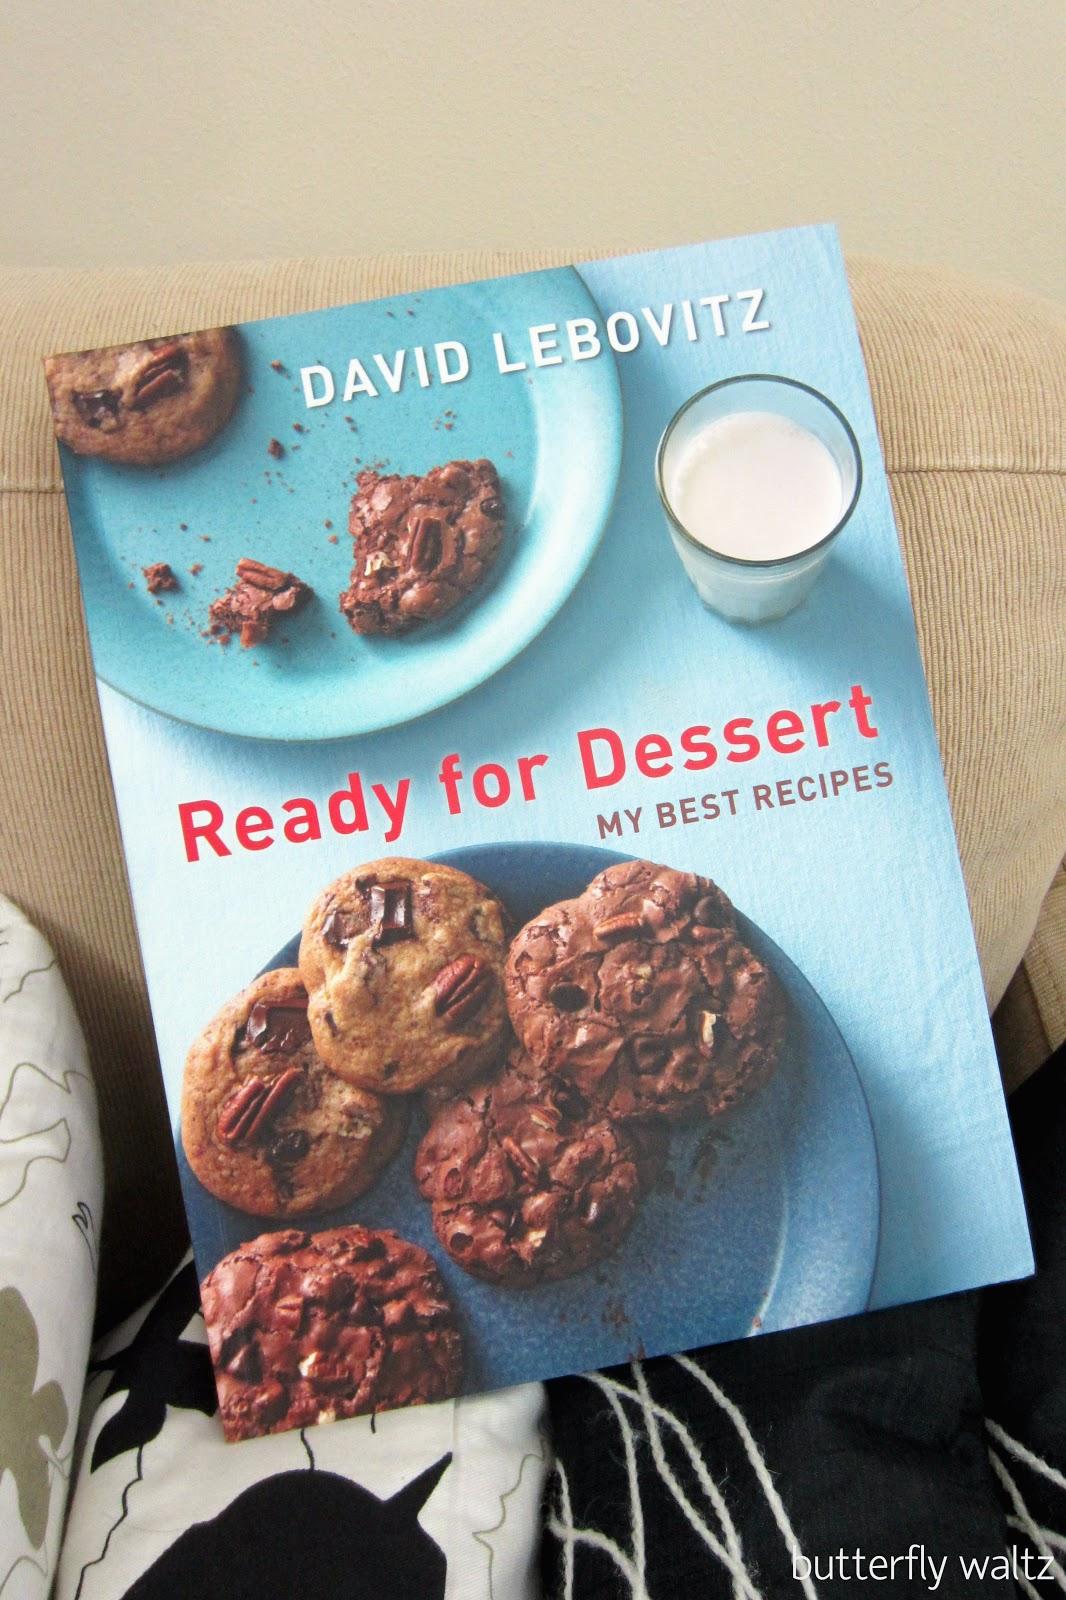 Waltzing butterflies: David Lebovitz chocolate chip cookies.. again ^^